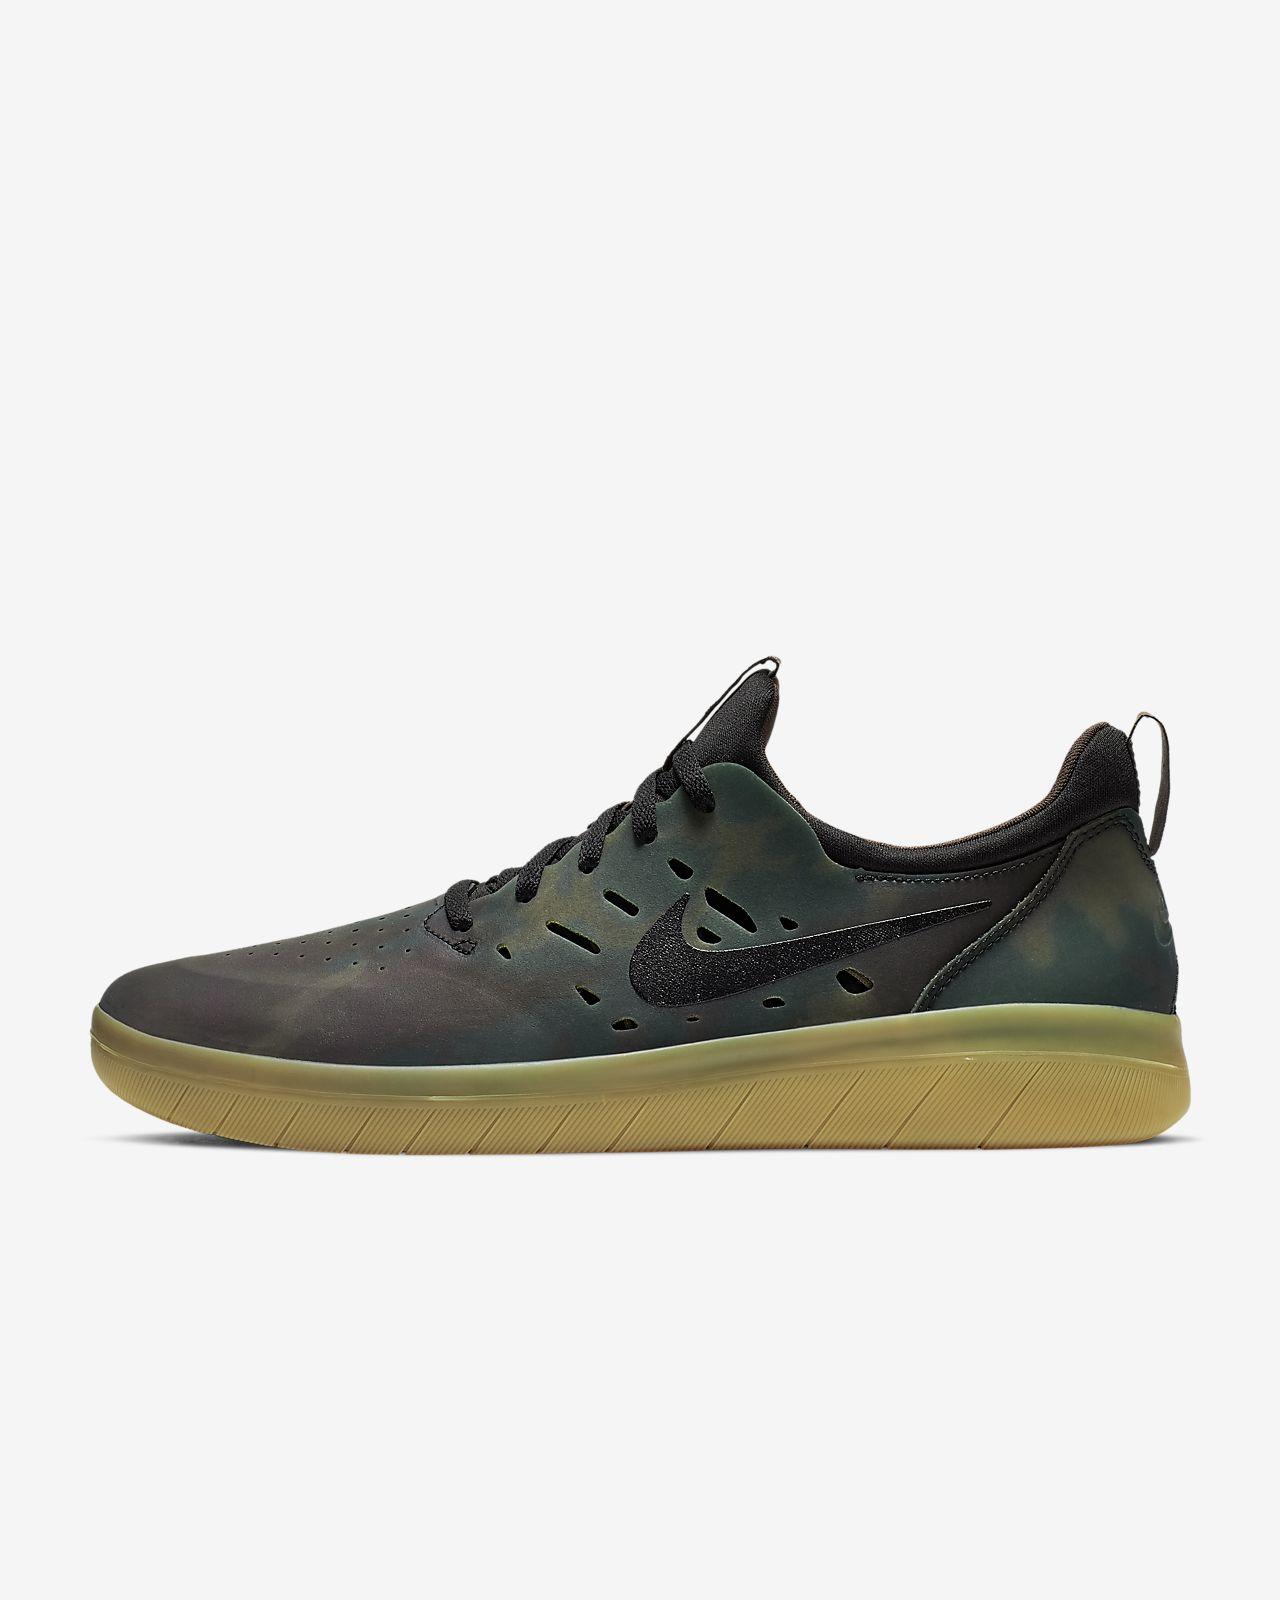 รองเท้าสเก็ตบอร์ด Nike SB Nyjah Free Premium